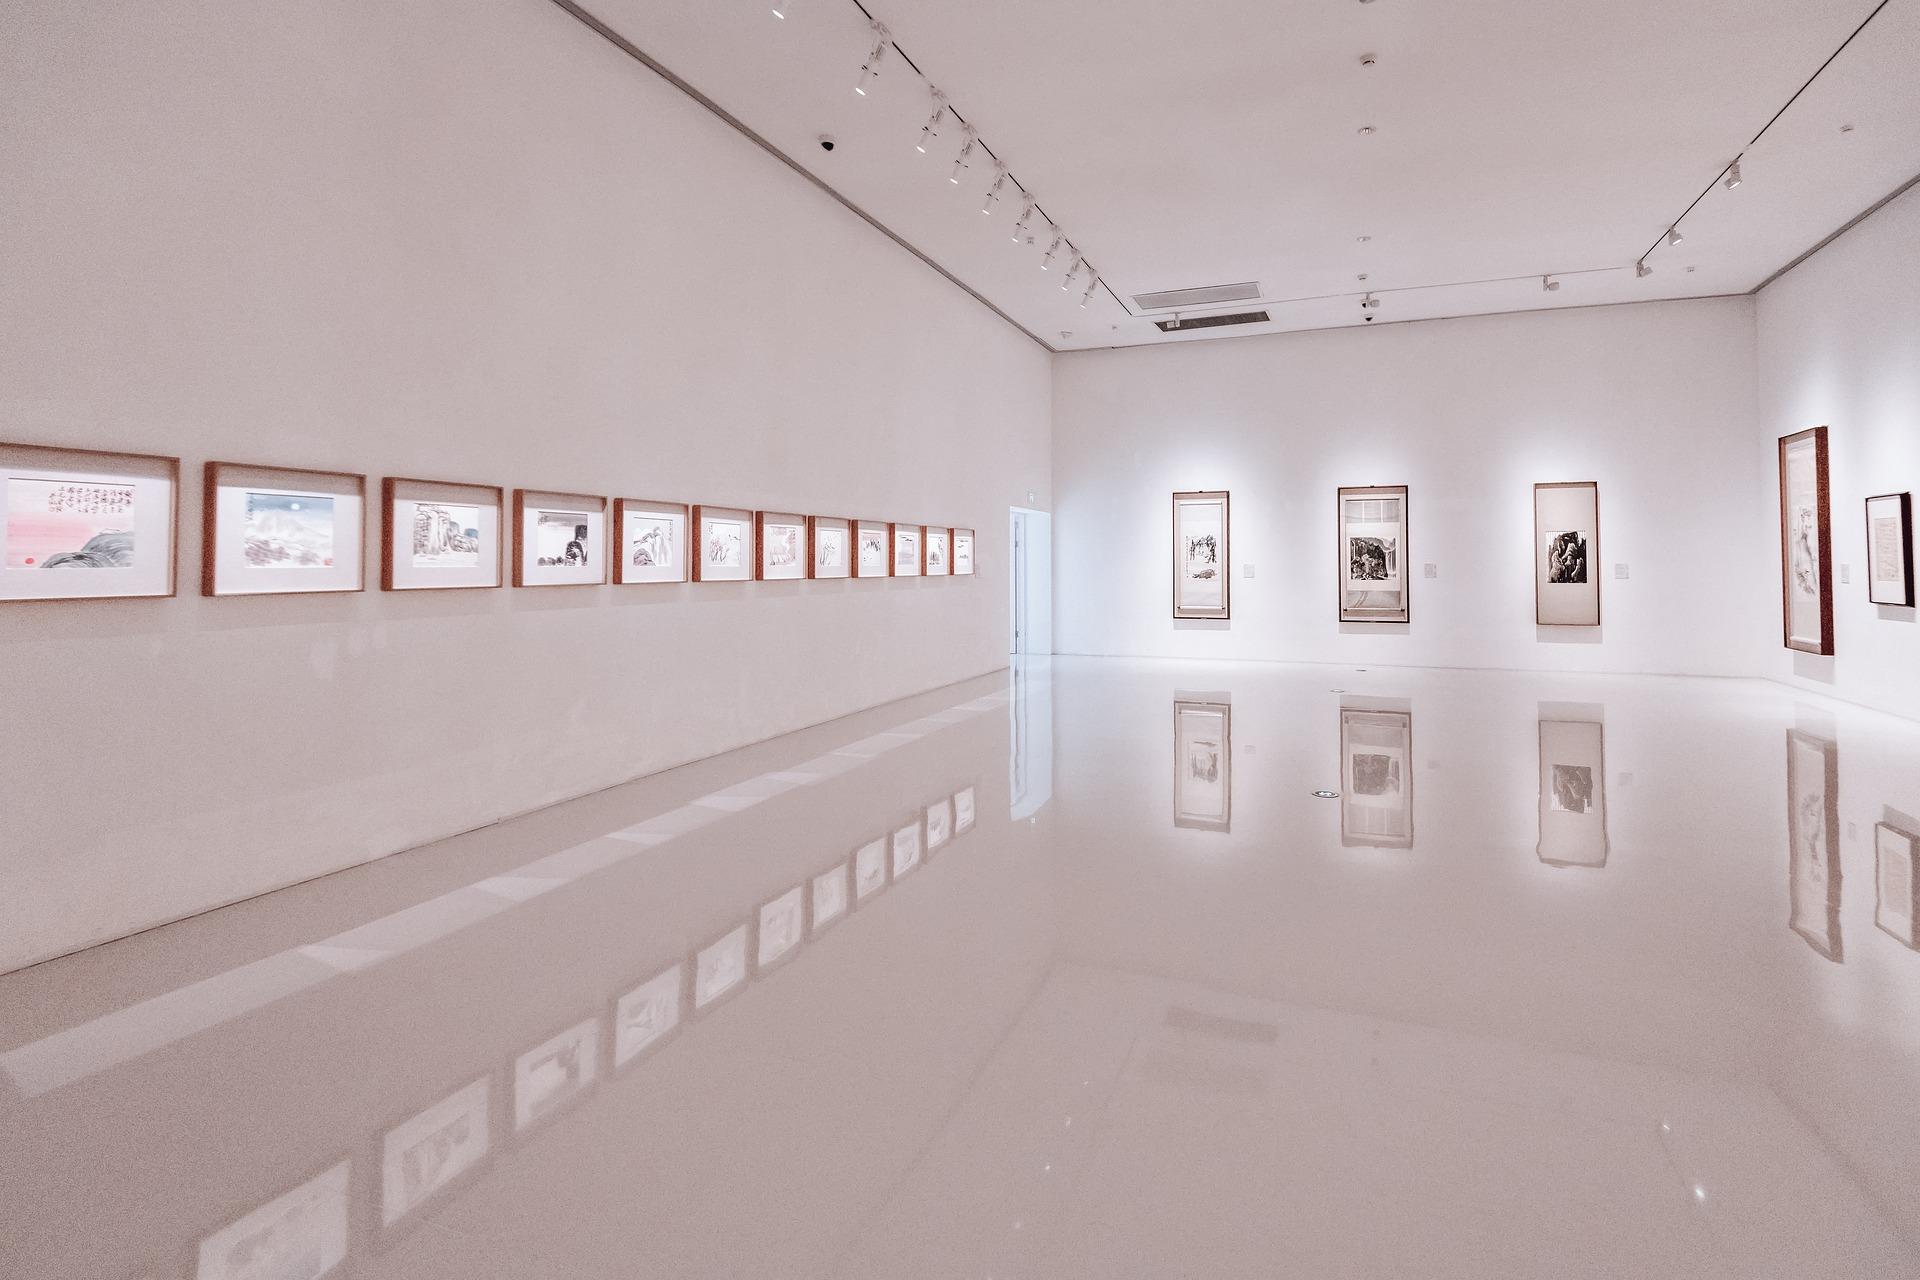 Wystawa malarska w dawnej synagodze - Zdjęcie główne